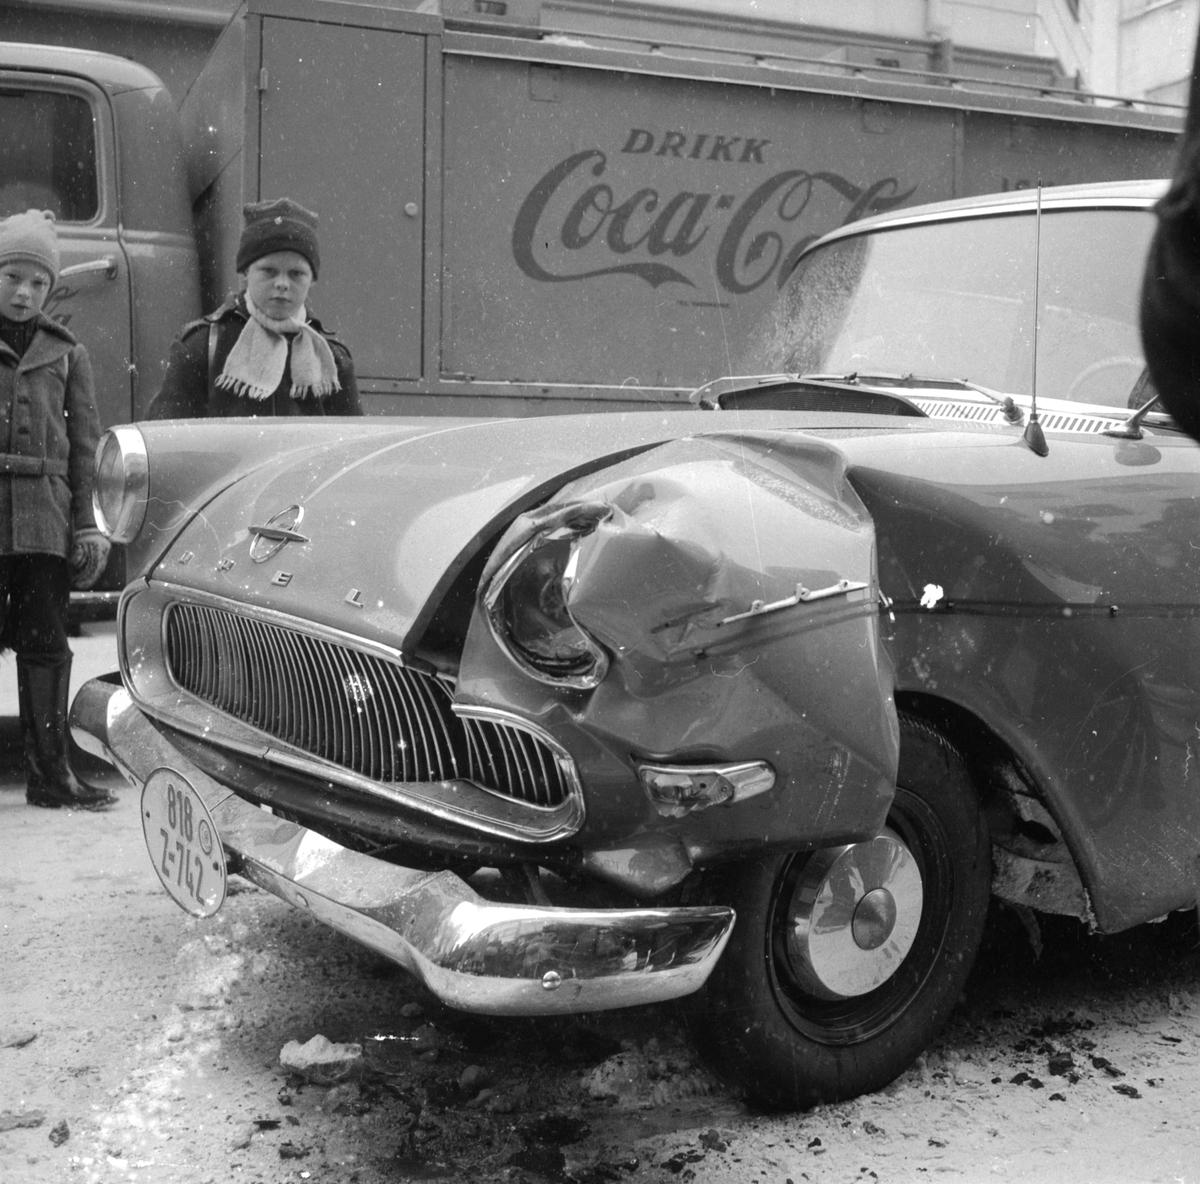 SKADET BIL. UKJENT. TRAFIKKULYKKE. FOTO: EGIL M. KRISTIANSEN. Opel Rekord 1958-60 med tysk tollskilt (Z for Zoll), en av de mange som ble bruktimportert fra Tyskland.